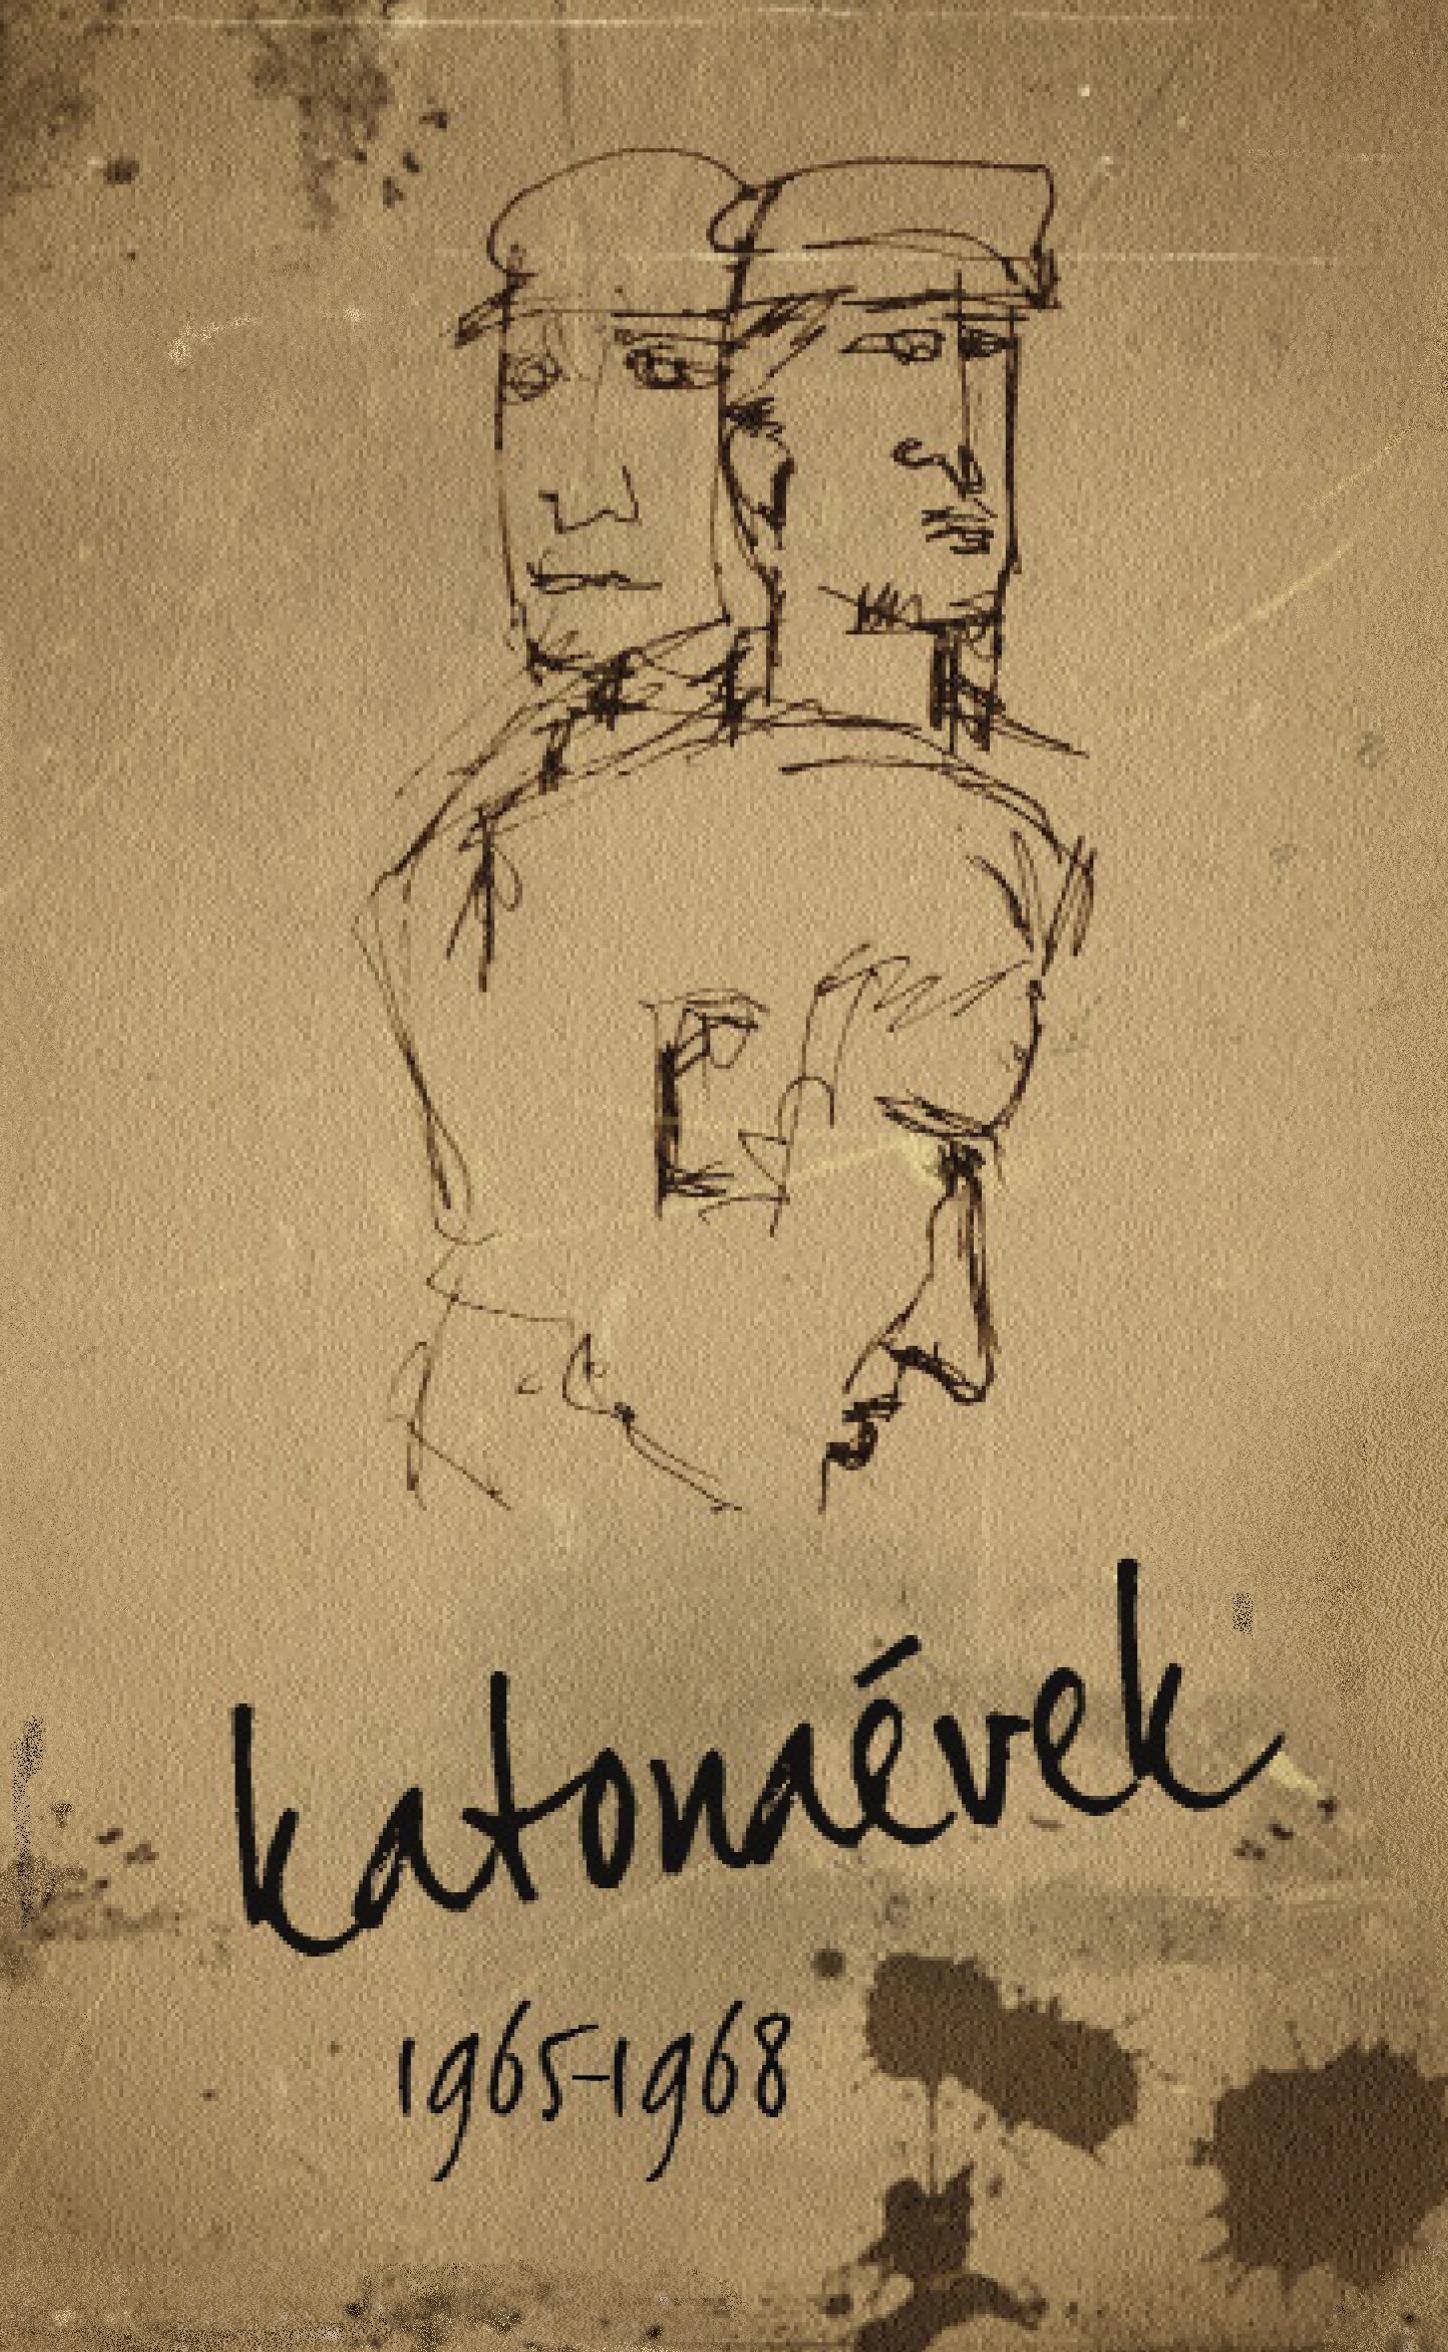 TÓTH GYÖRGY ÉS TÓTH GYÖRGYNÉ - KATONAÉVEK 1965-1968